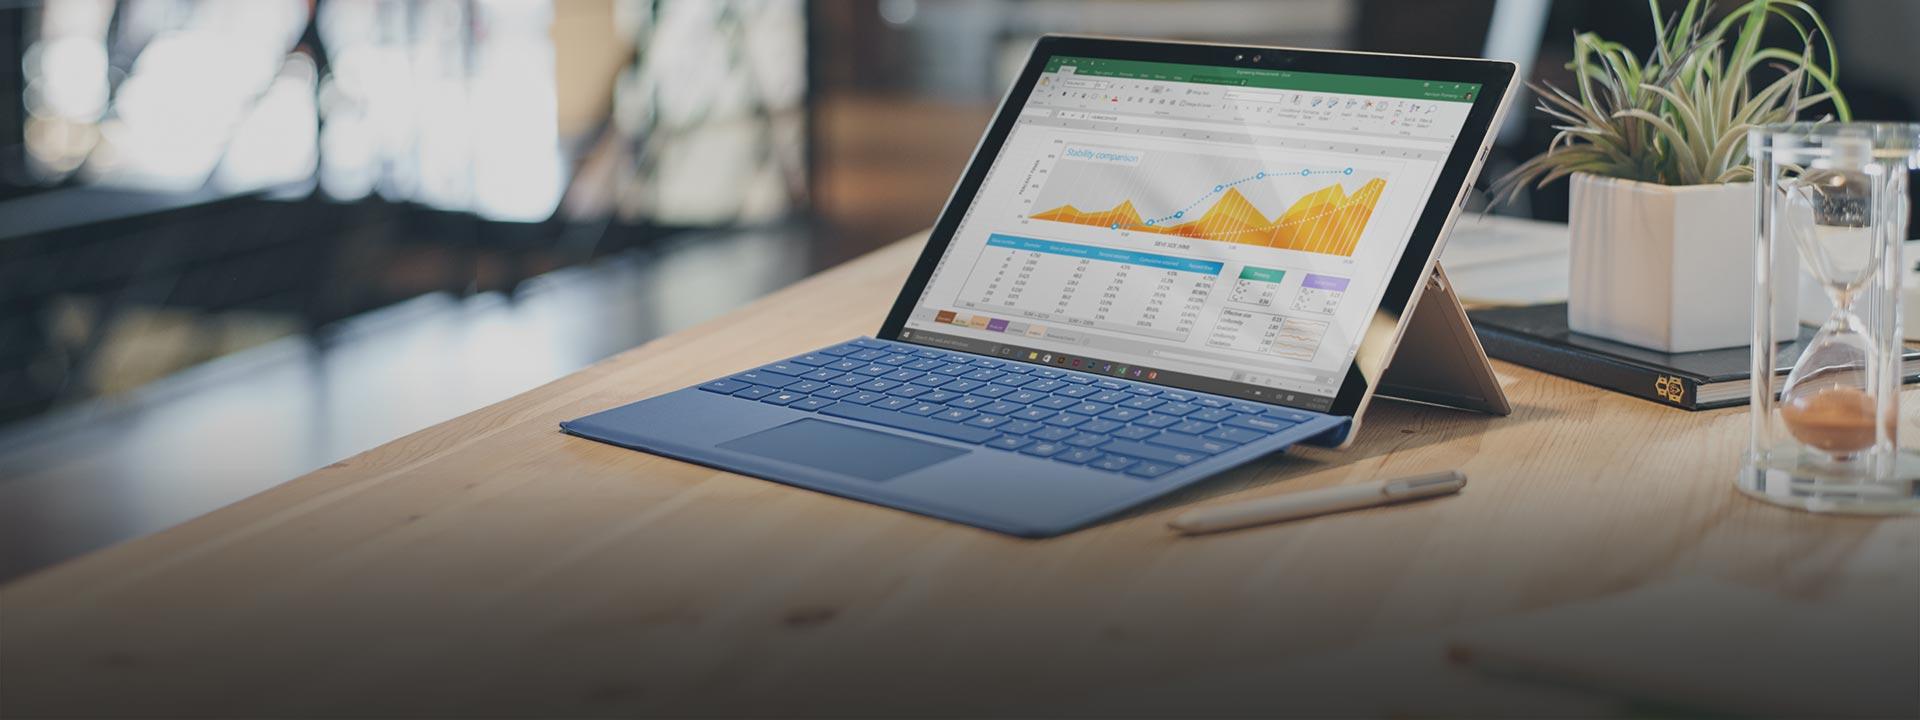 Surface Pro 4, 자세히 보기